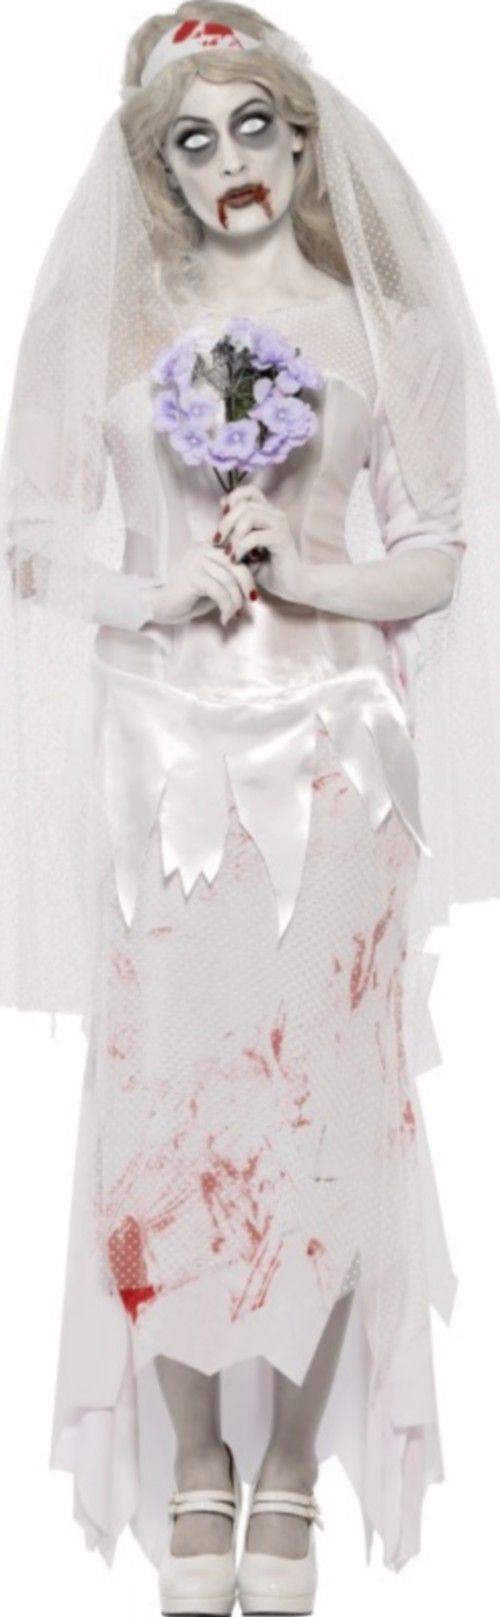 Halloween Zombie-Braut-Kostüm für Damen: Dieses Halloween Zombie-Braut-Kostüm für Damen beinhaltet ein Kleid, einen Schleier und einen Blumenstrauß. (Strumpfhose und Schuhe nicht inbegriffen)Das Kleid ist natürlich...